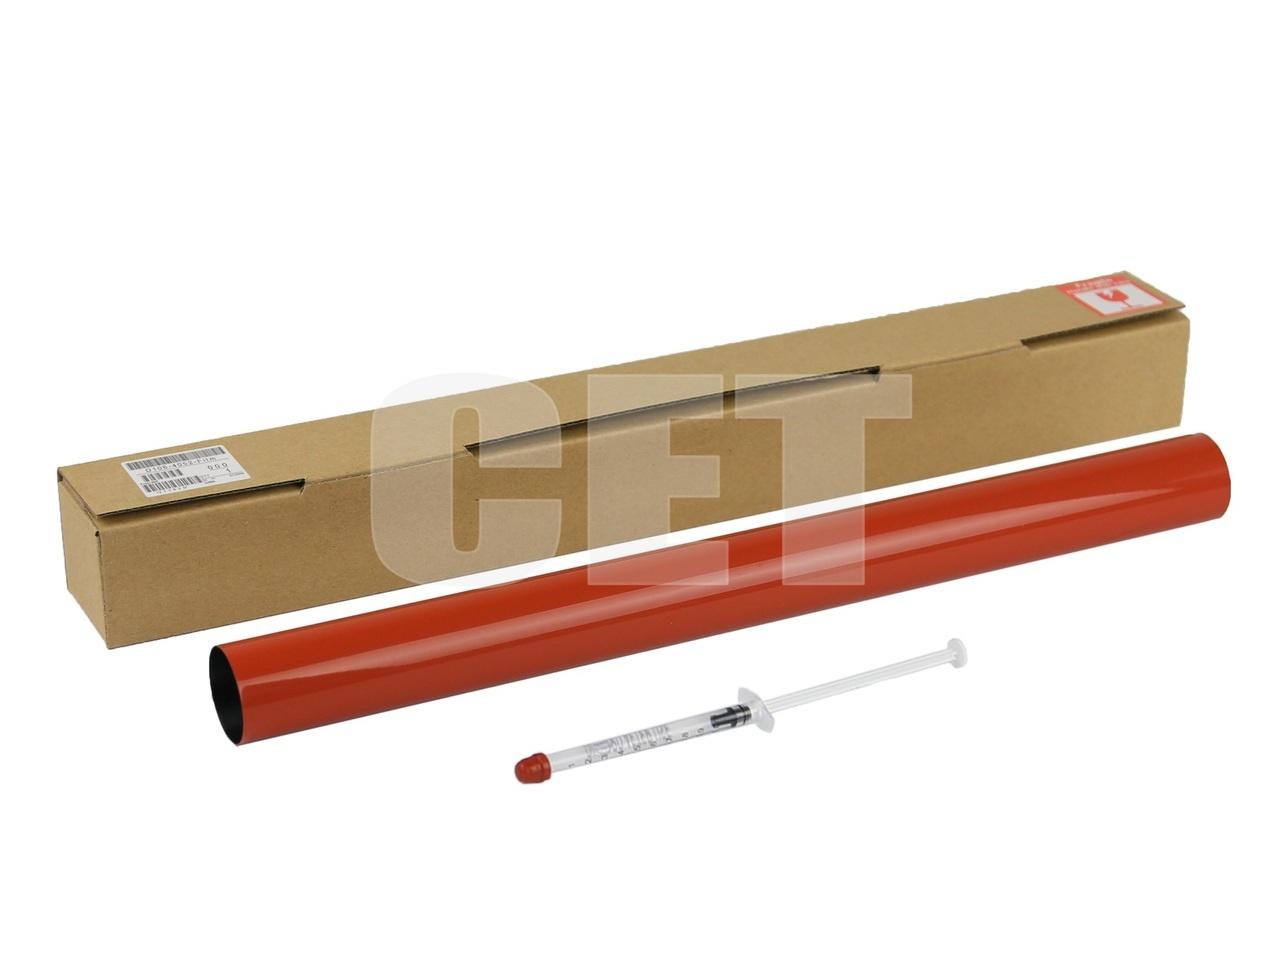 Термопленка (Metal) для RICOH Aficio MPC2051/2551 (CET),CET311025